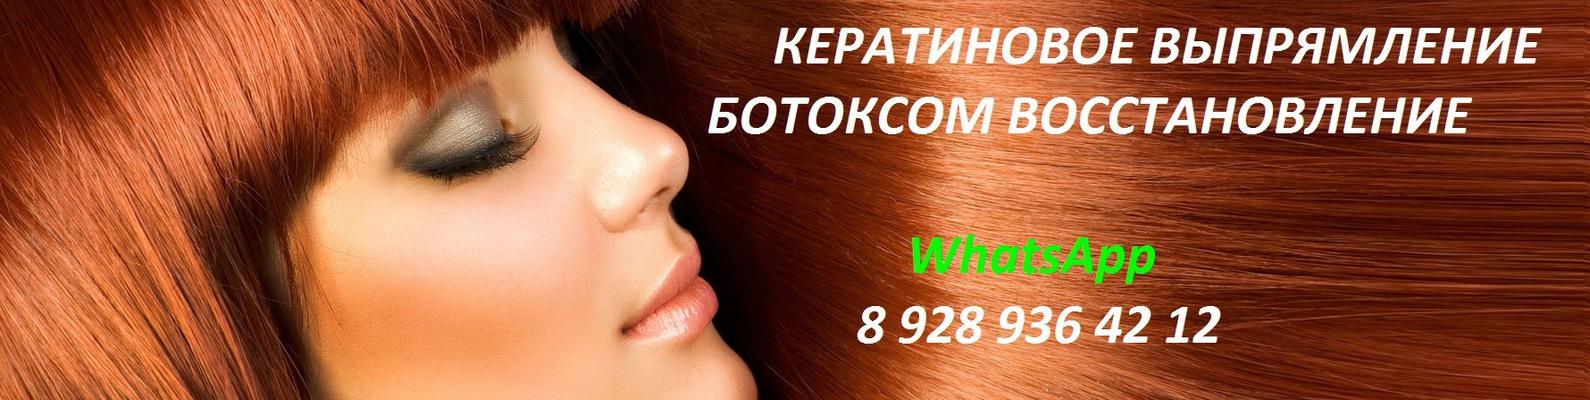 Выпрямление волос ставрополь